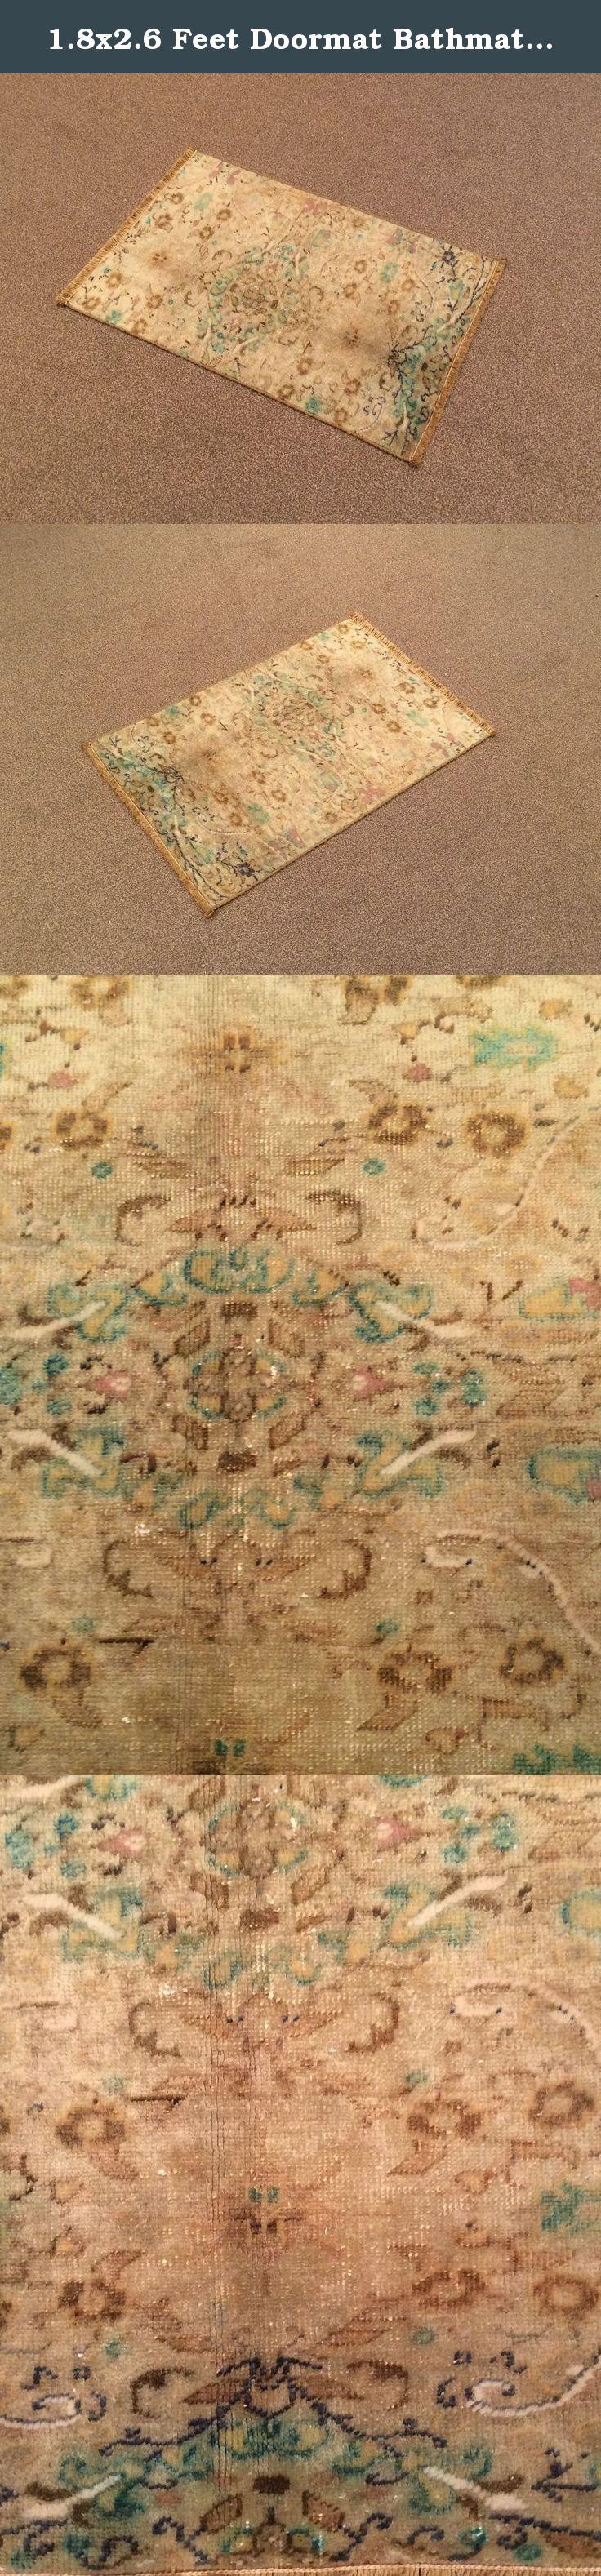 X feet doormat bathmat welcome mat floor mat vintage cream